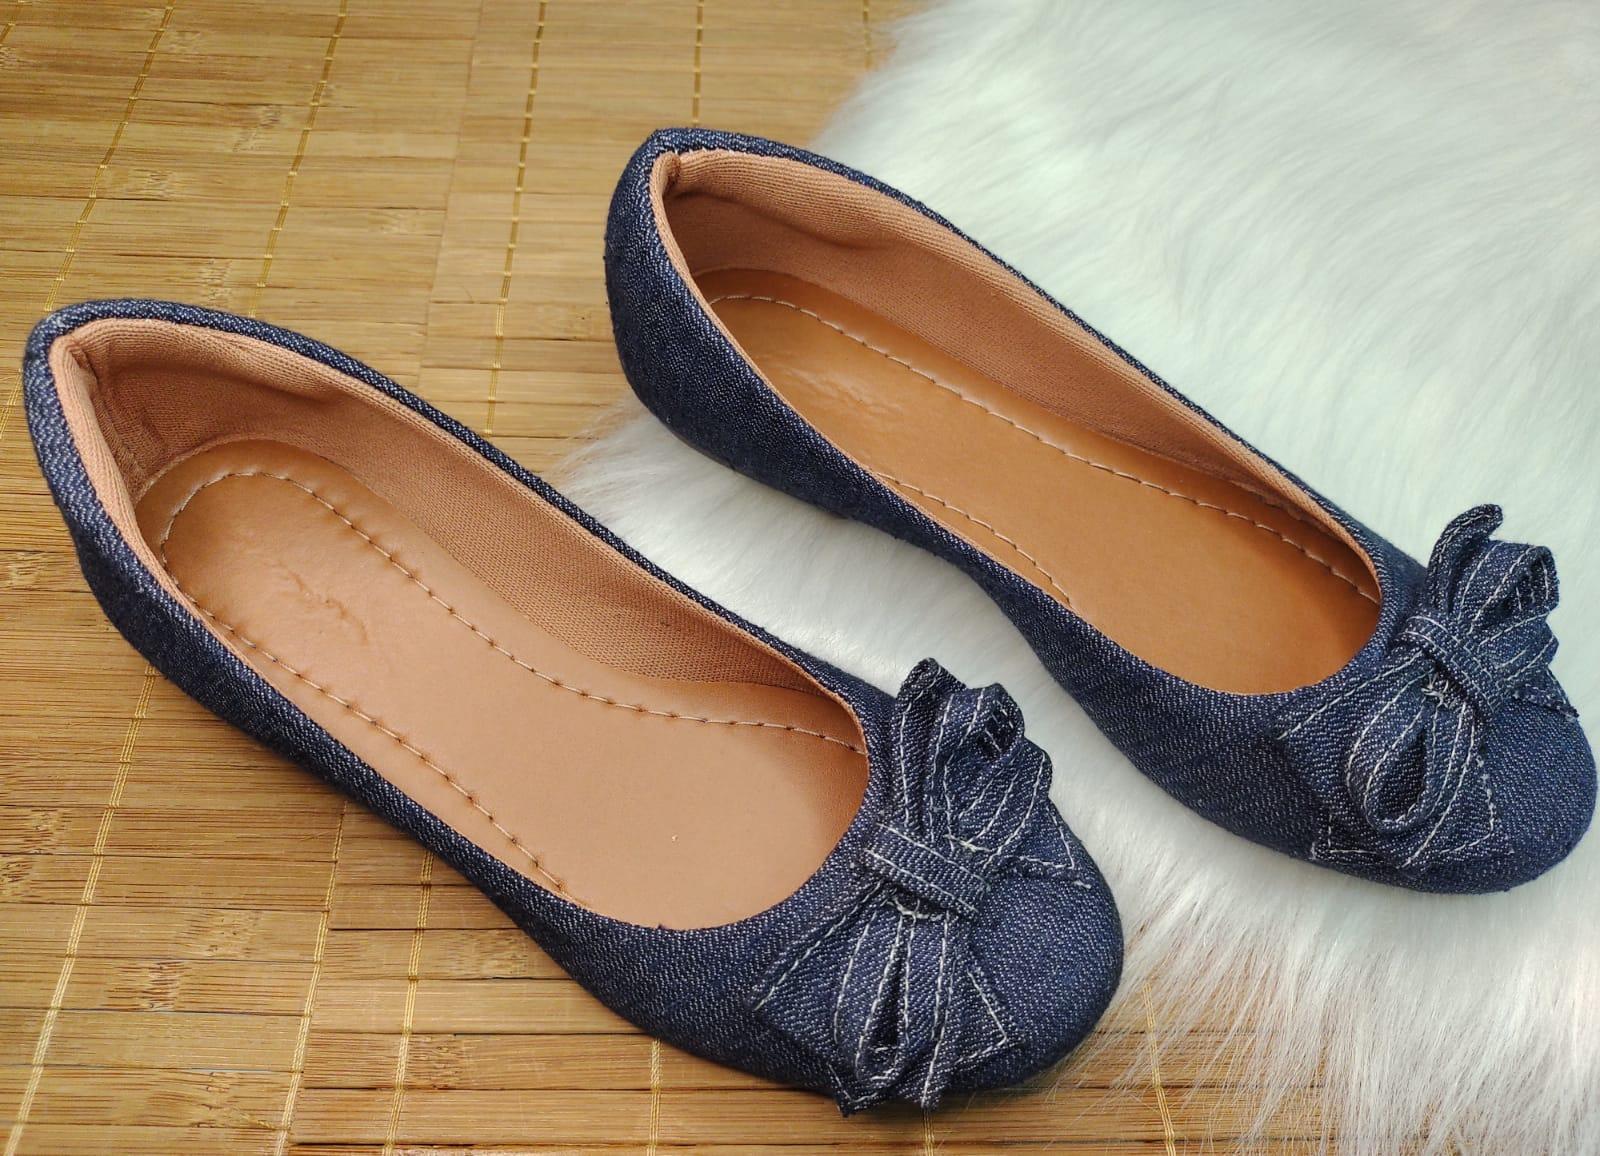 Sapatilha Jeans - Bico Redondo - Com Laço do Mesmo Material